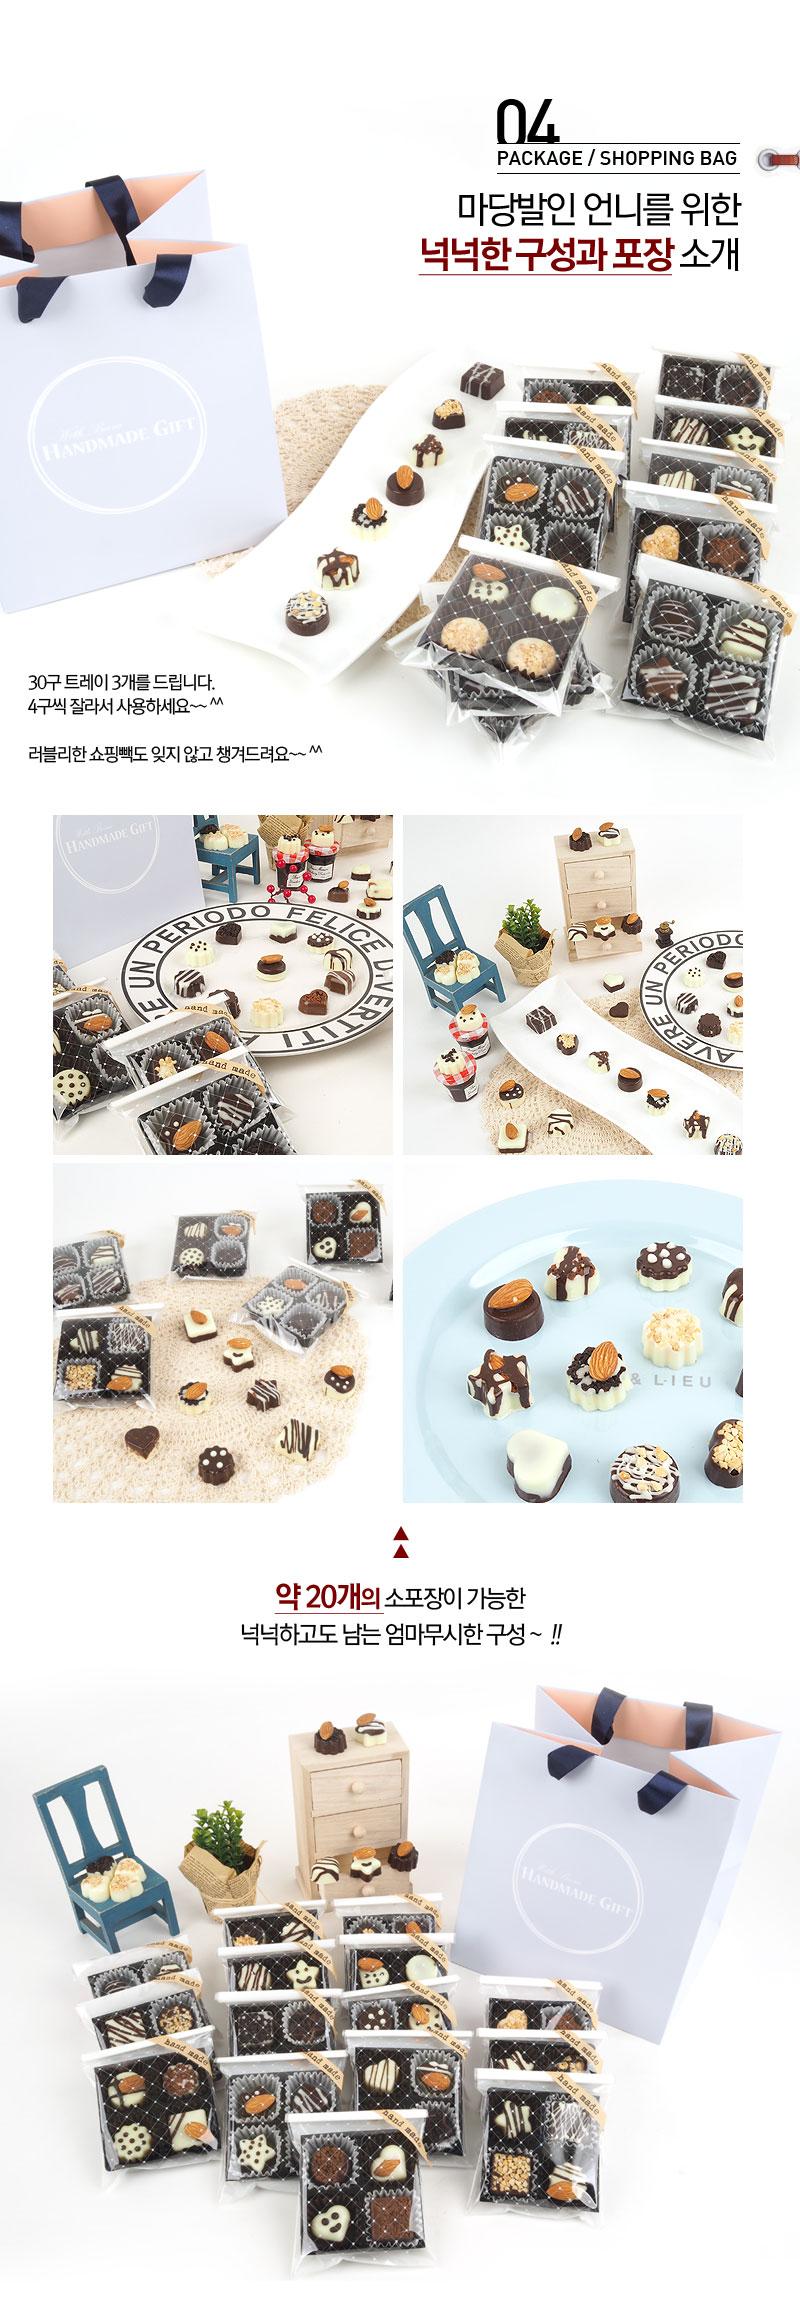 단체용_마당발 초콜릿만들기세트 - 미소짓는 하루, 25,900원, DIY세트, 초콜릿 만들기